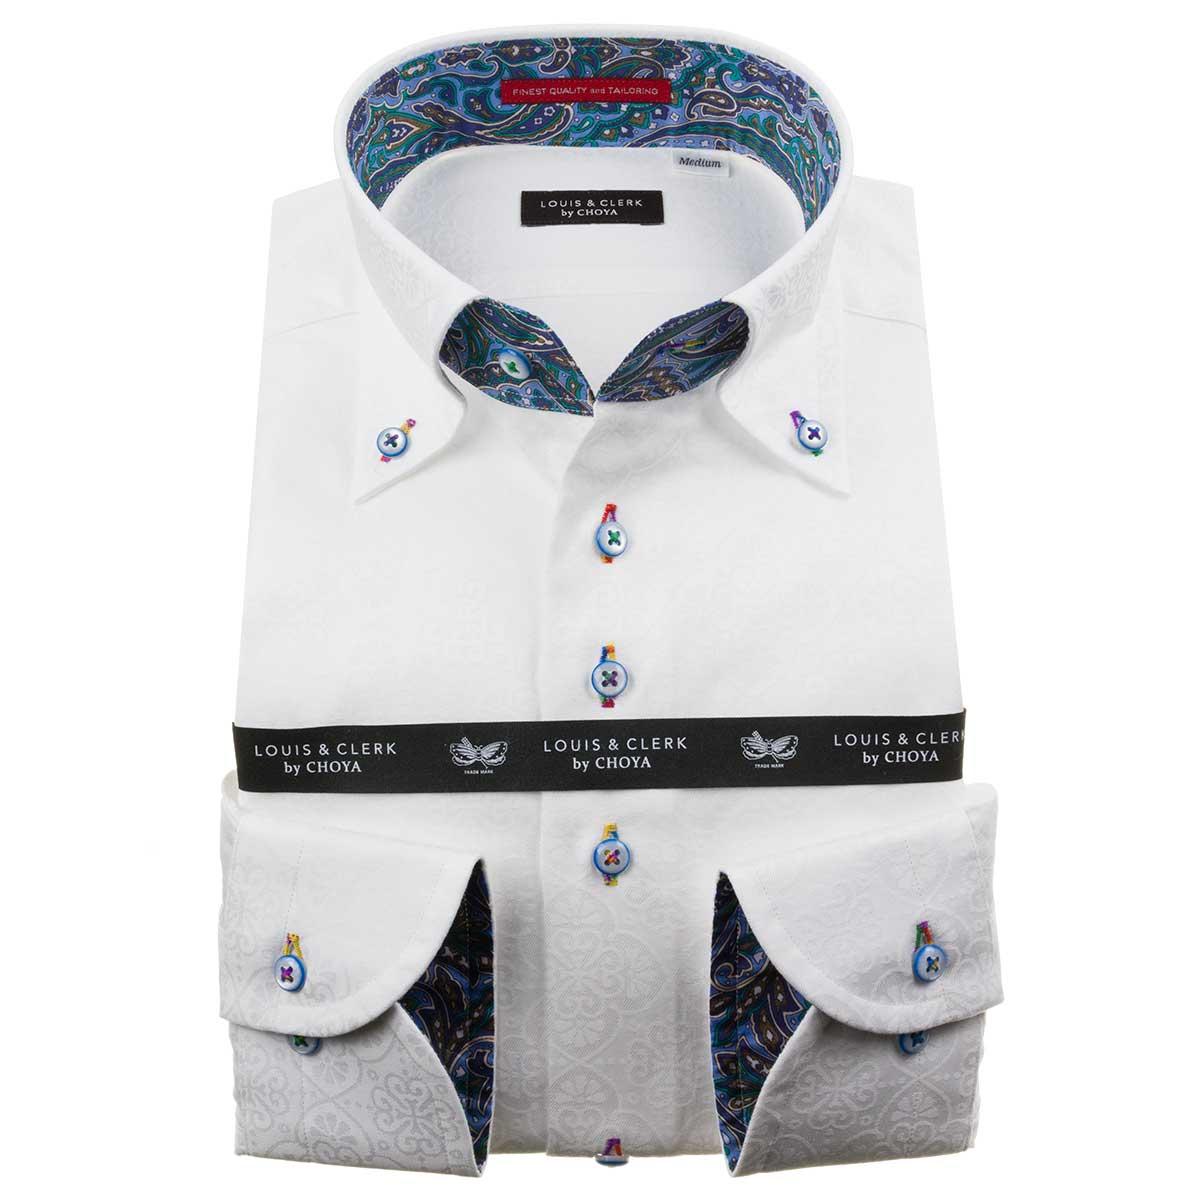 ドレスシャツ ワイシャツ シャツ メンズ 国産 長袖 純綿100% コンフォート ボタンダウン ホワイト ジャガード織 オリエンタルフラワーパターン 1911 fs3gm